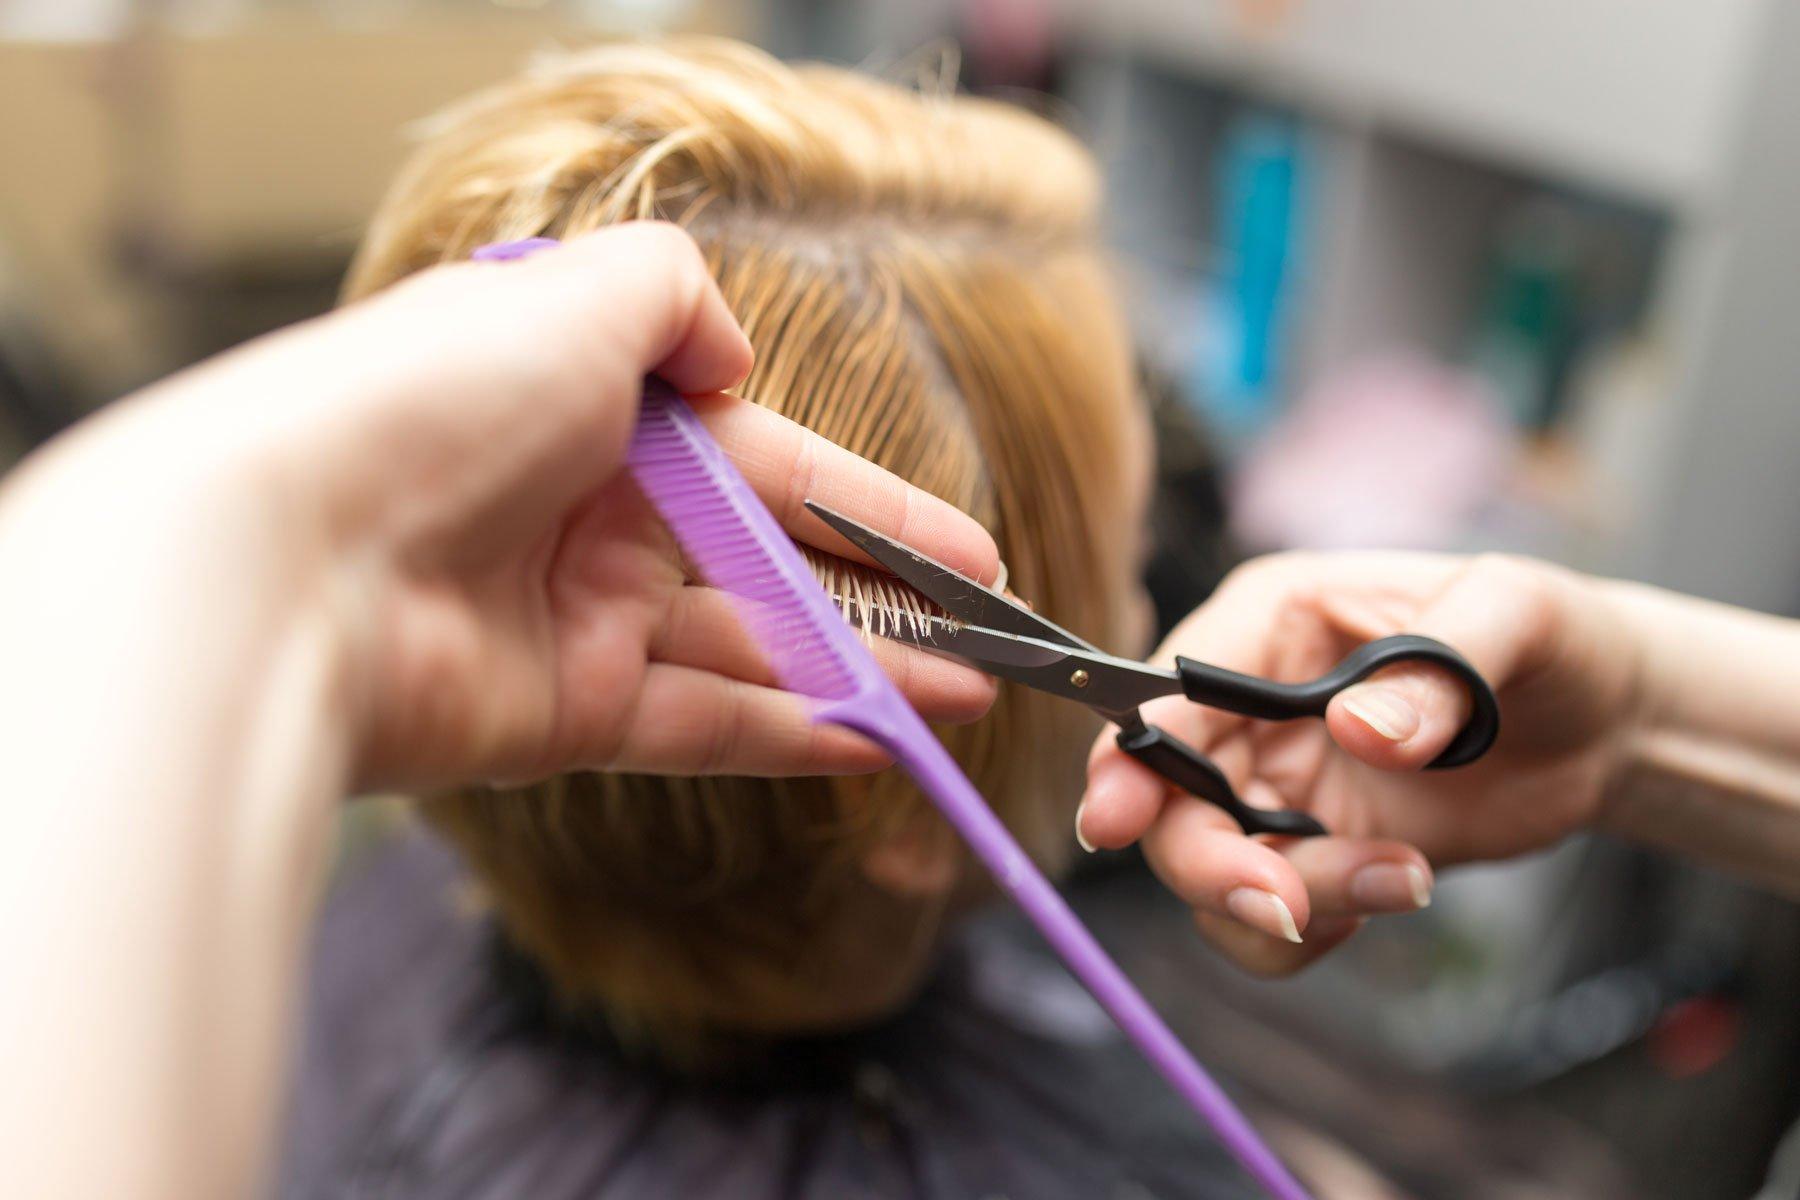 Una parrucchiera taglia dei capelli